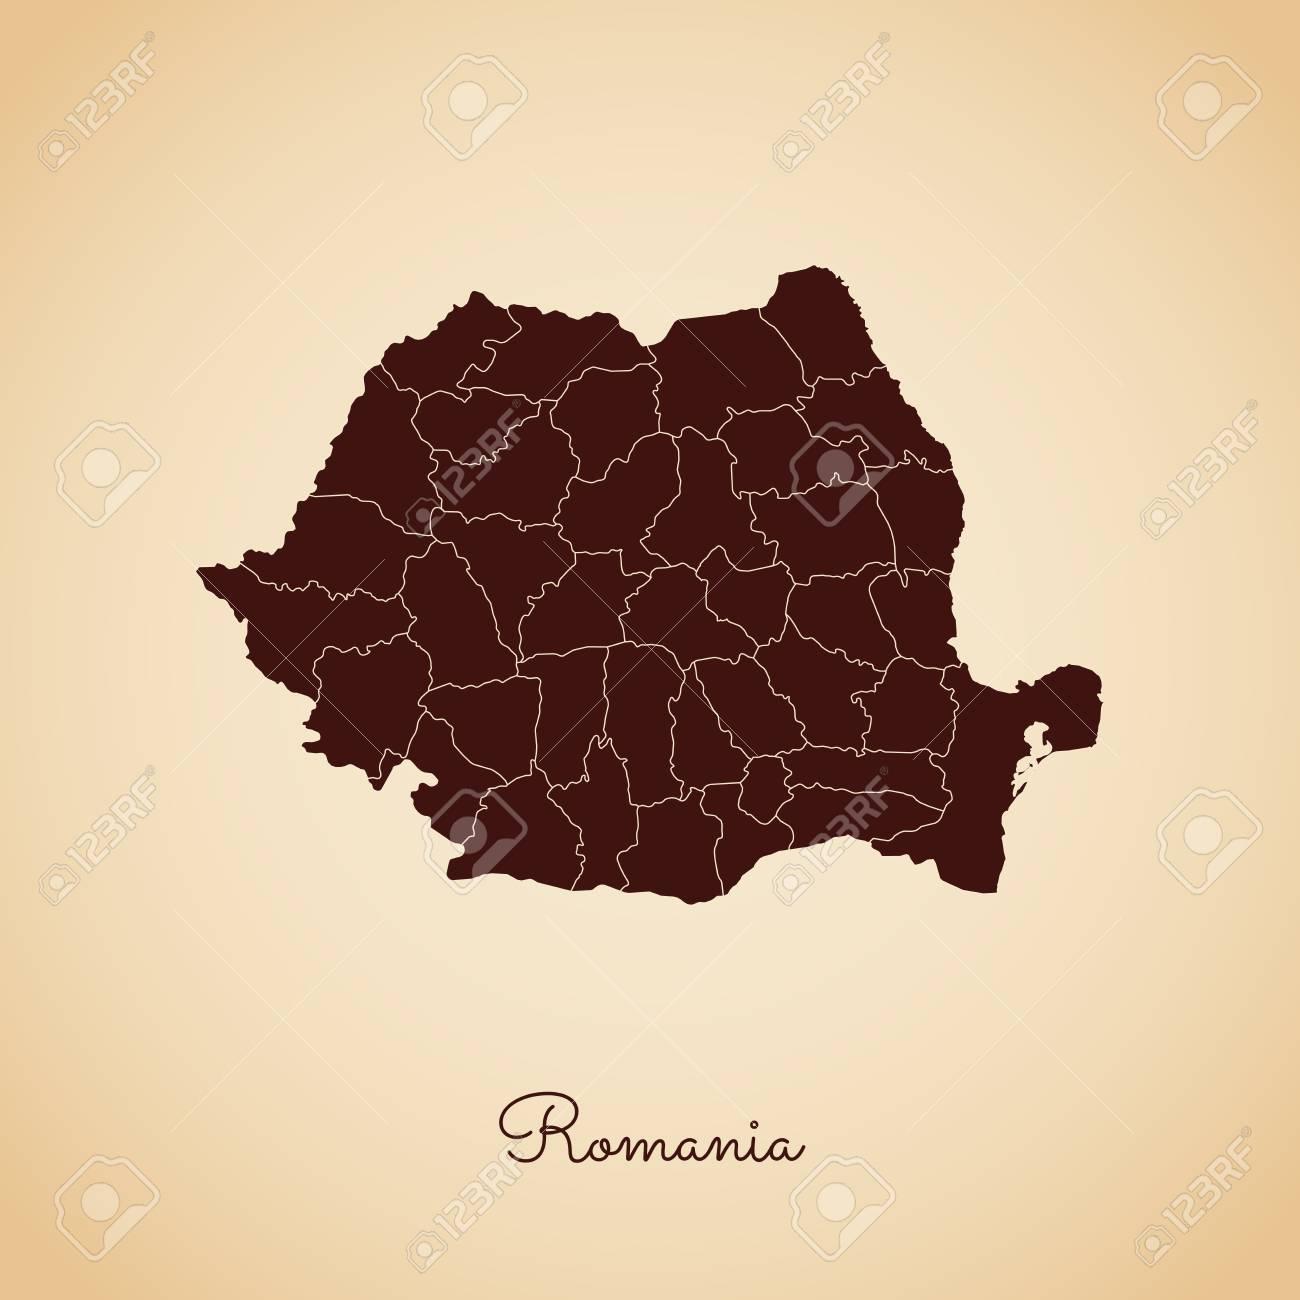 Cartina Dettagliata Romania.Vettoriale Mappa Della Regione Di Romania Contorno Stile Retro Marrone Su Sfondo Di Carta Vecchia Mappa Dettagliata Delle Regioni Della Romania Illustrazione Vettoriale Image 84276615